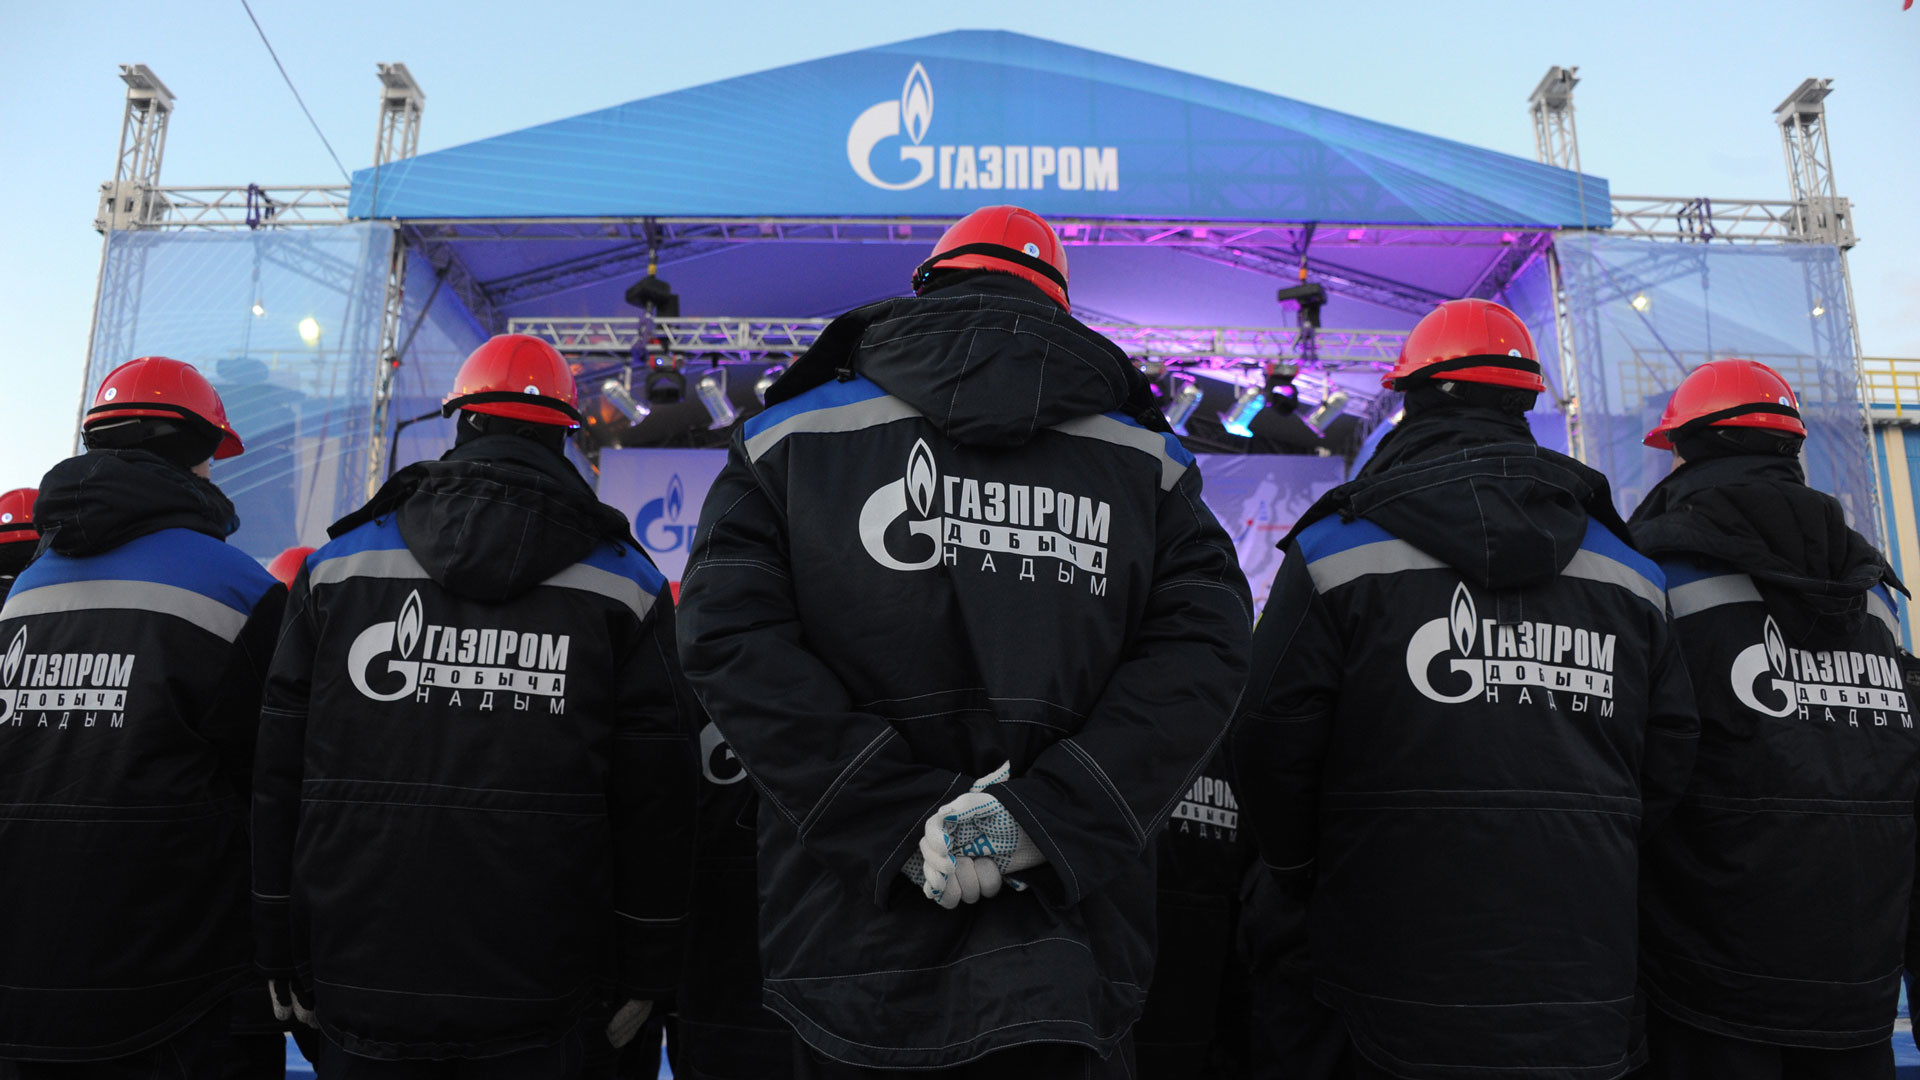 Фото: © РИА Новости/Алексей Филиппов